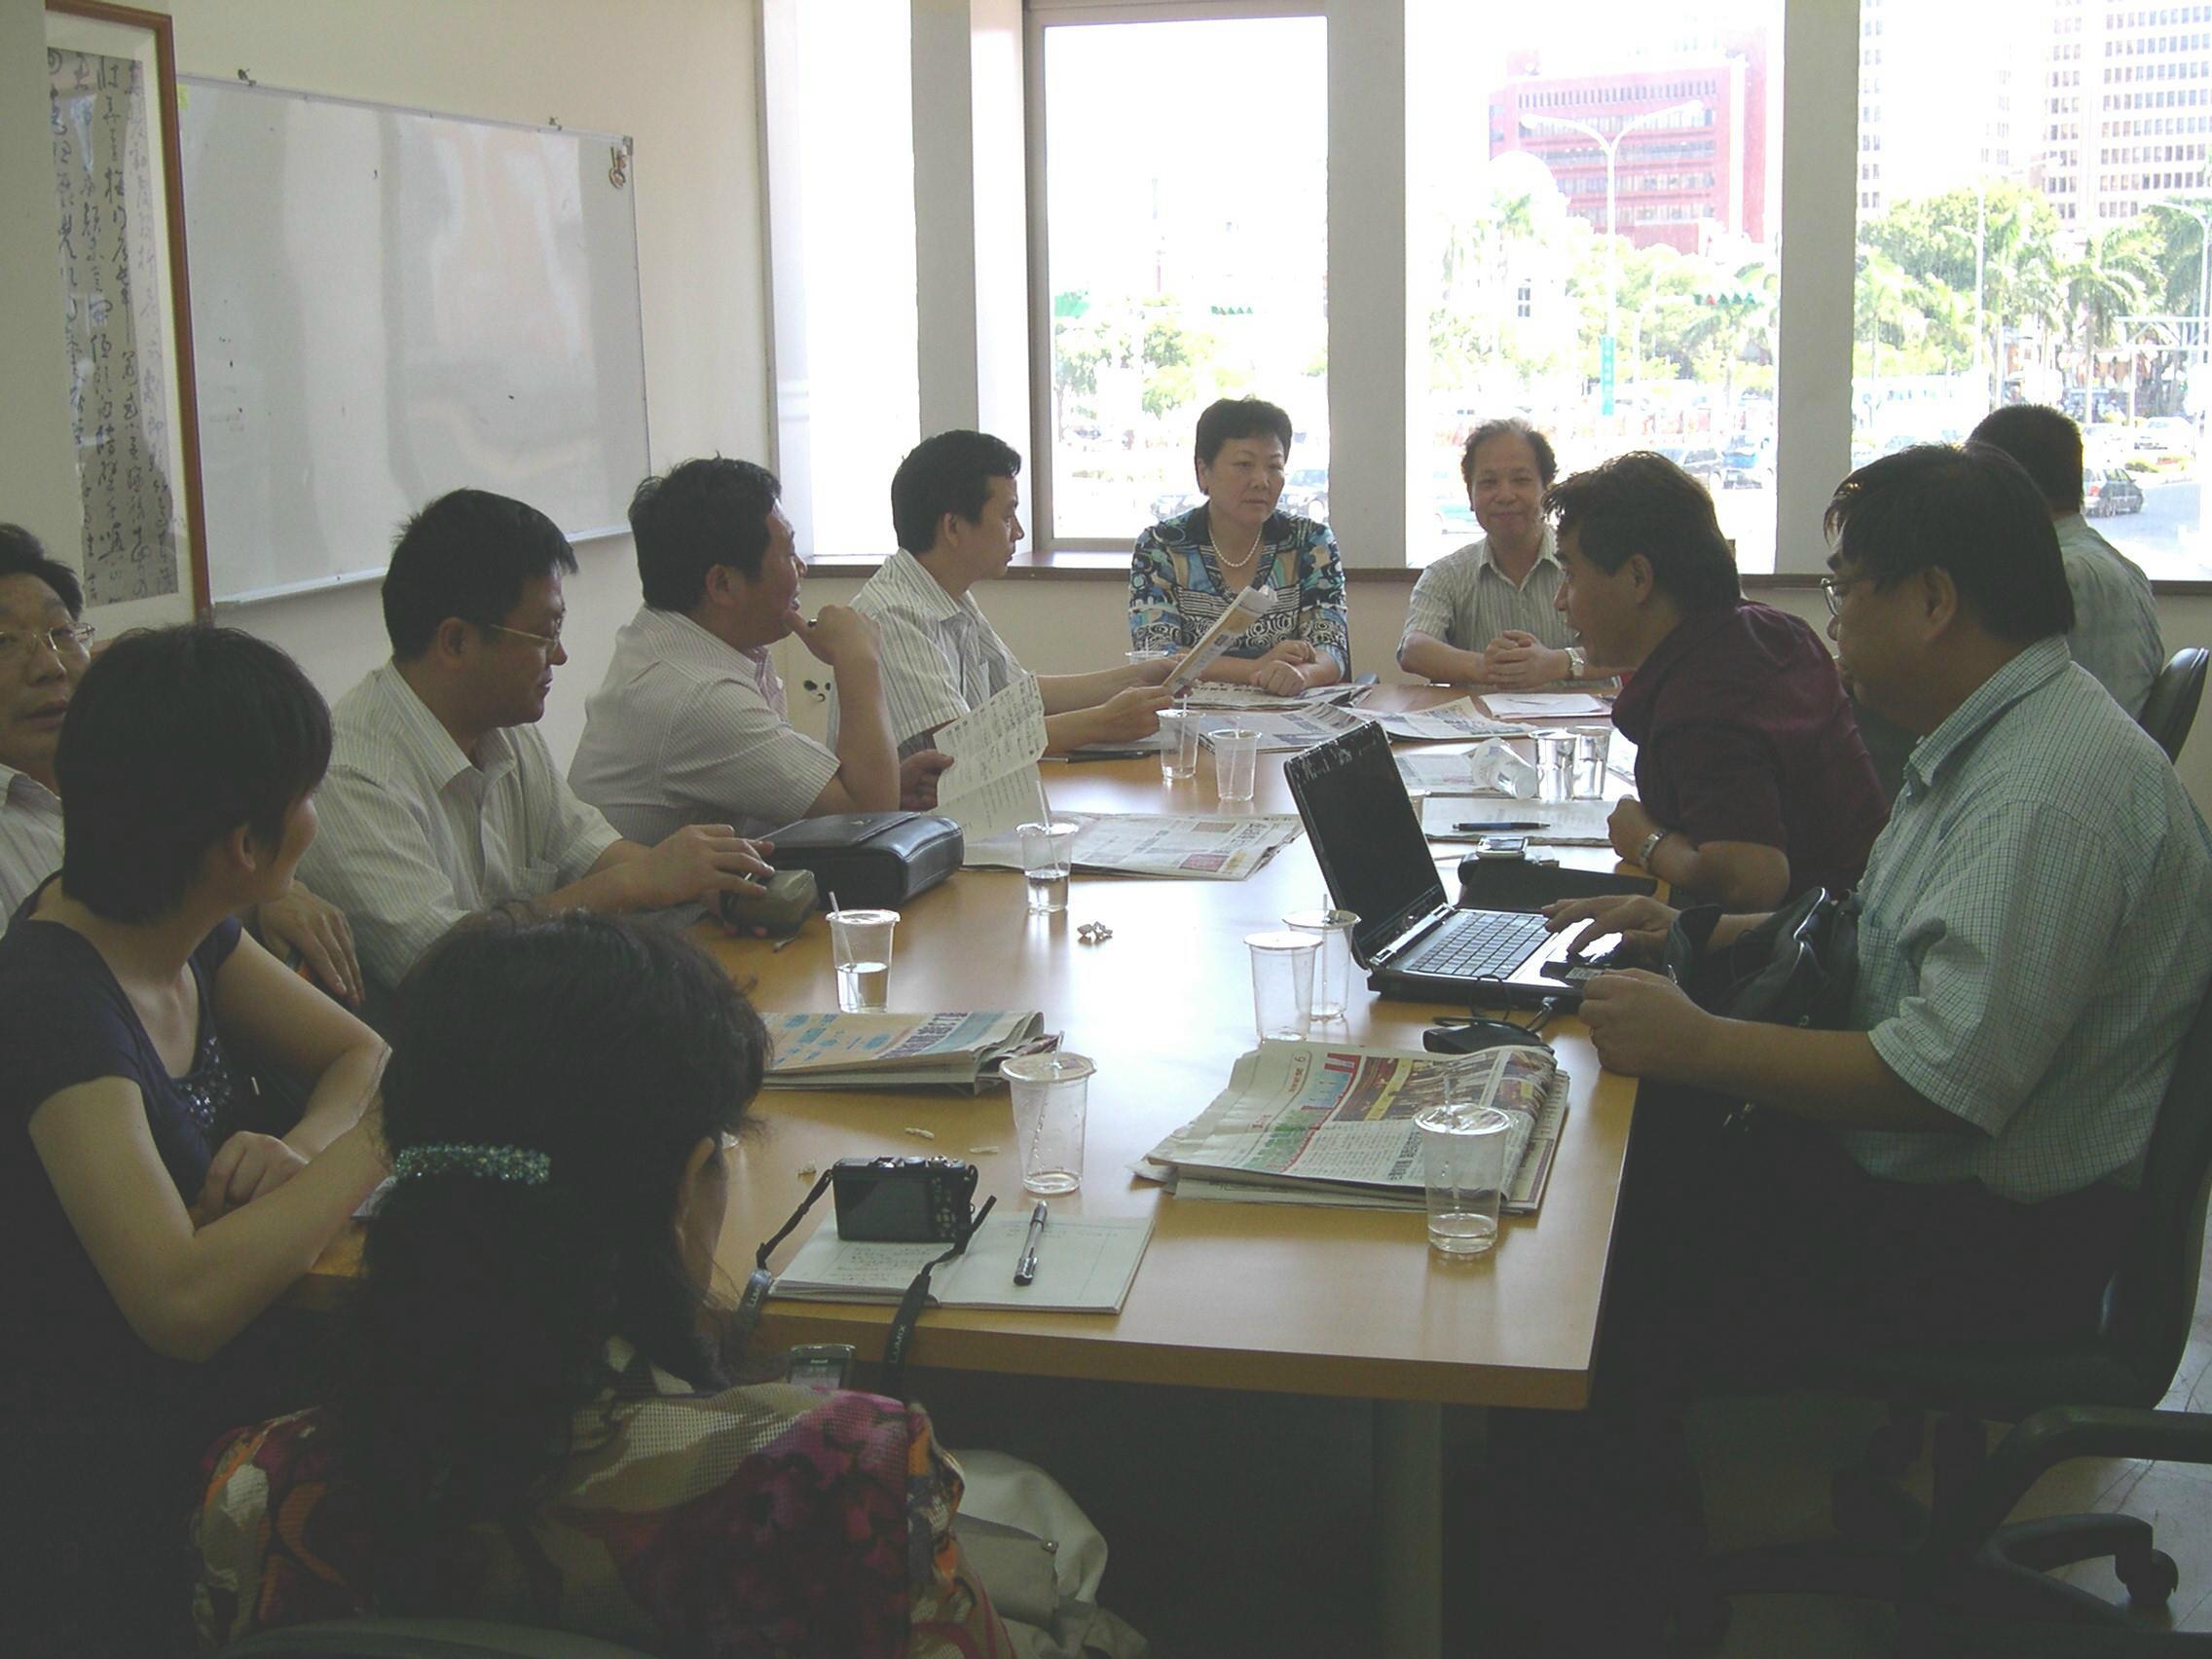 江蘇省淮安市委宣傳部部長劉希平女士及團員一行,與中華資深記者協會成員,在台北舉行研討會。